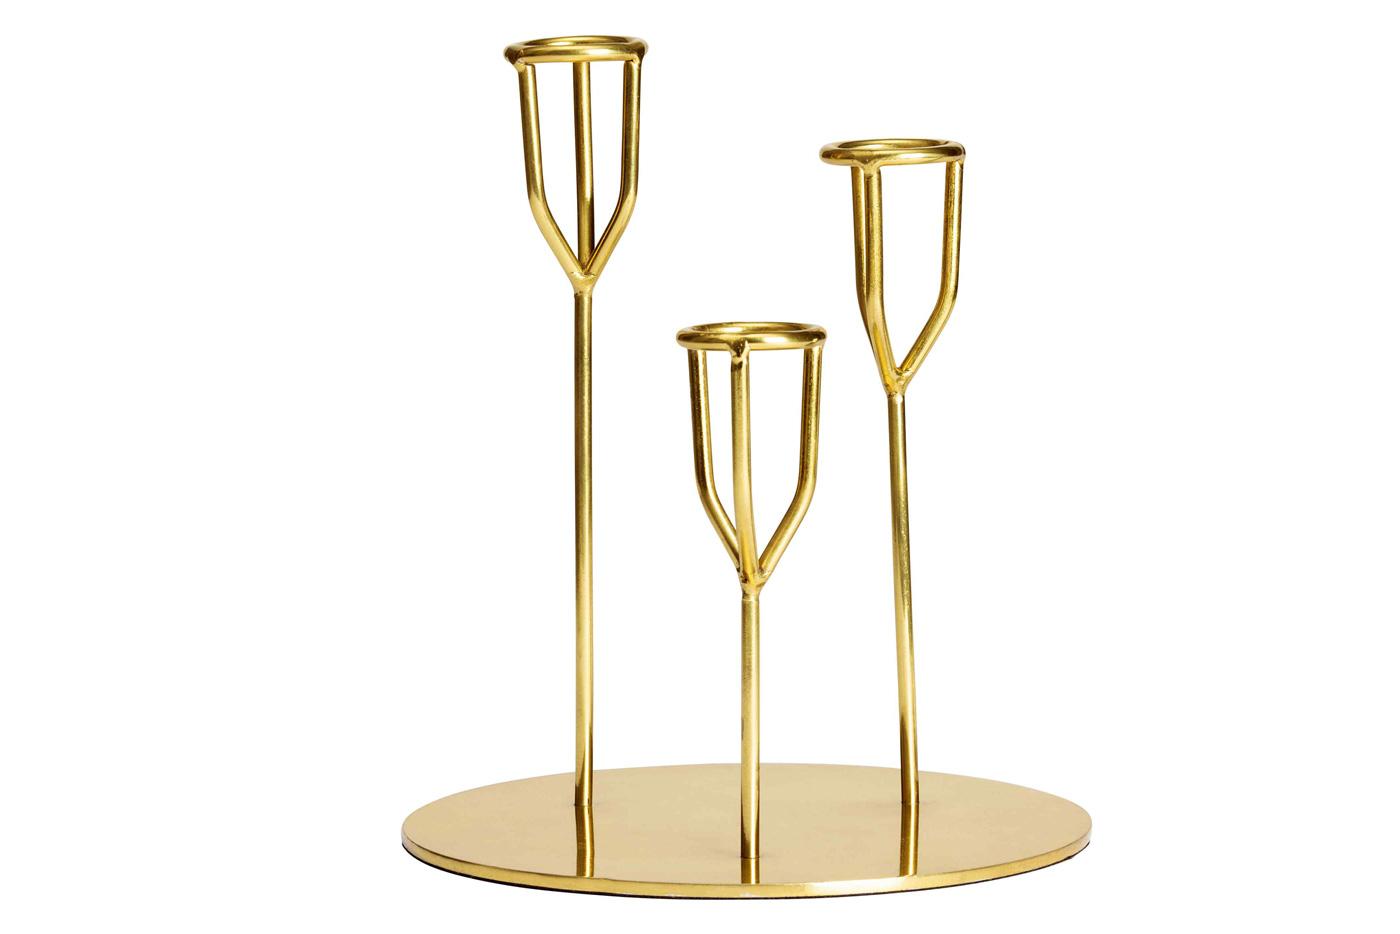 portacandele in metallo dorato tasteofrunway